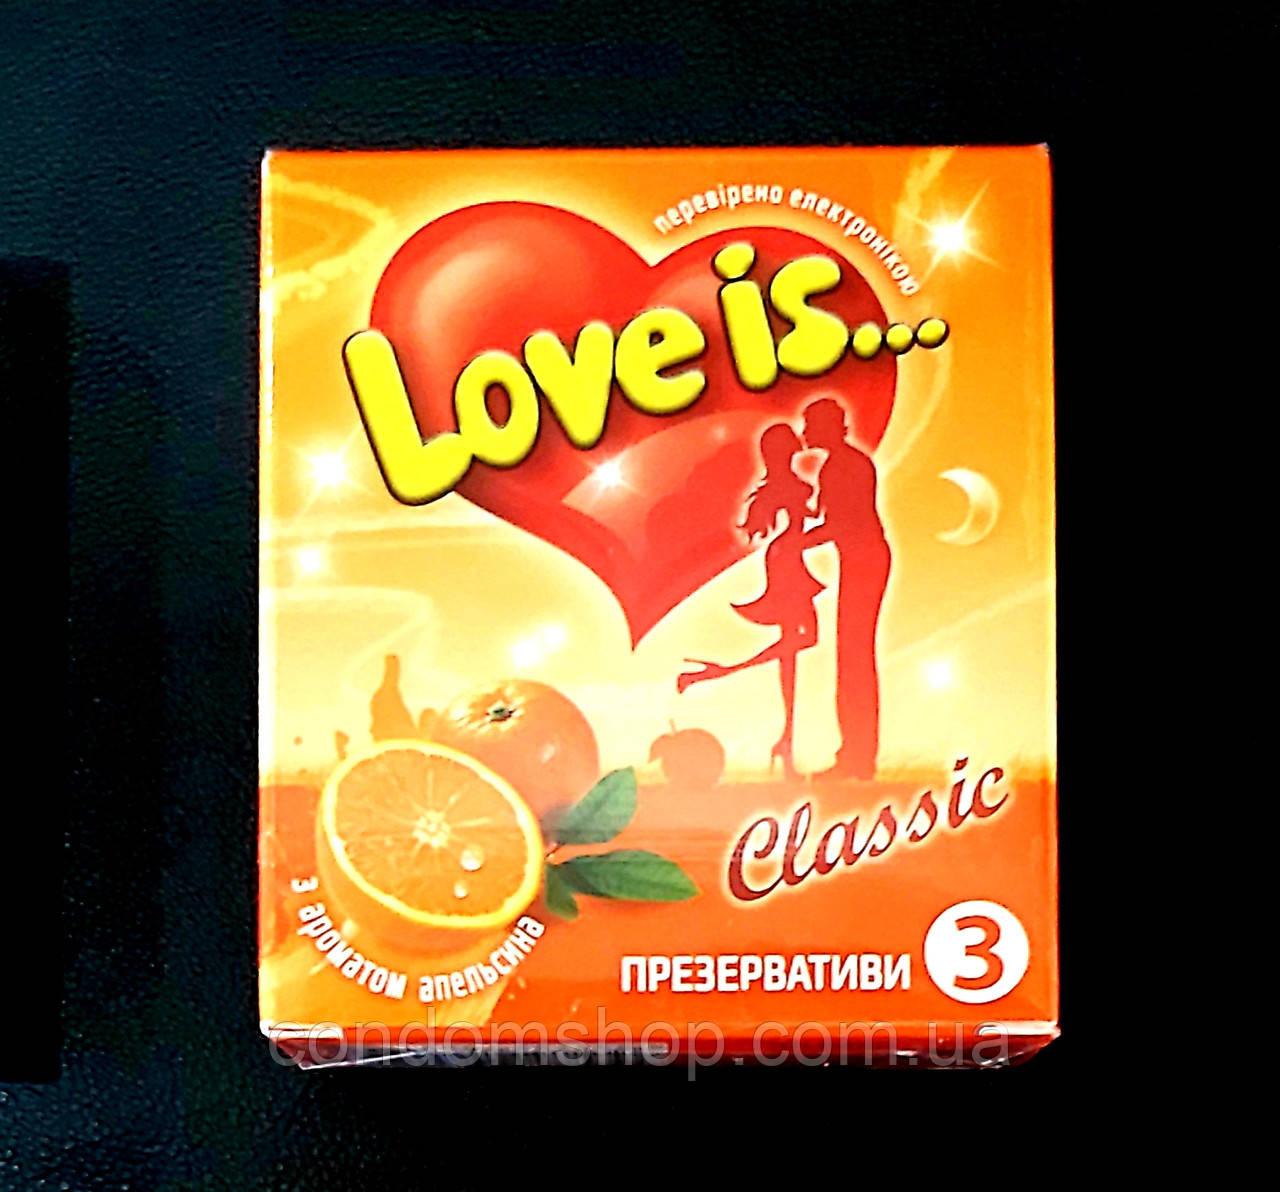 Презервативы LOVE IS премиум  со вкусом АПЕЛЬСИНА и вкладышем-комиксом.Великобритания